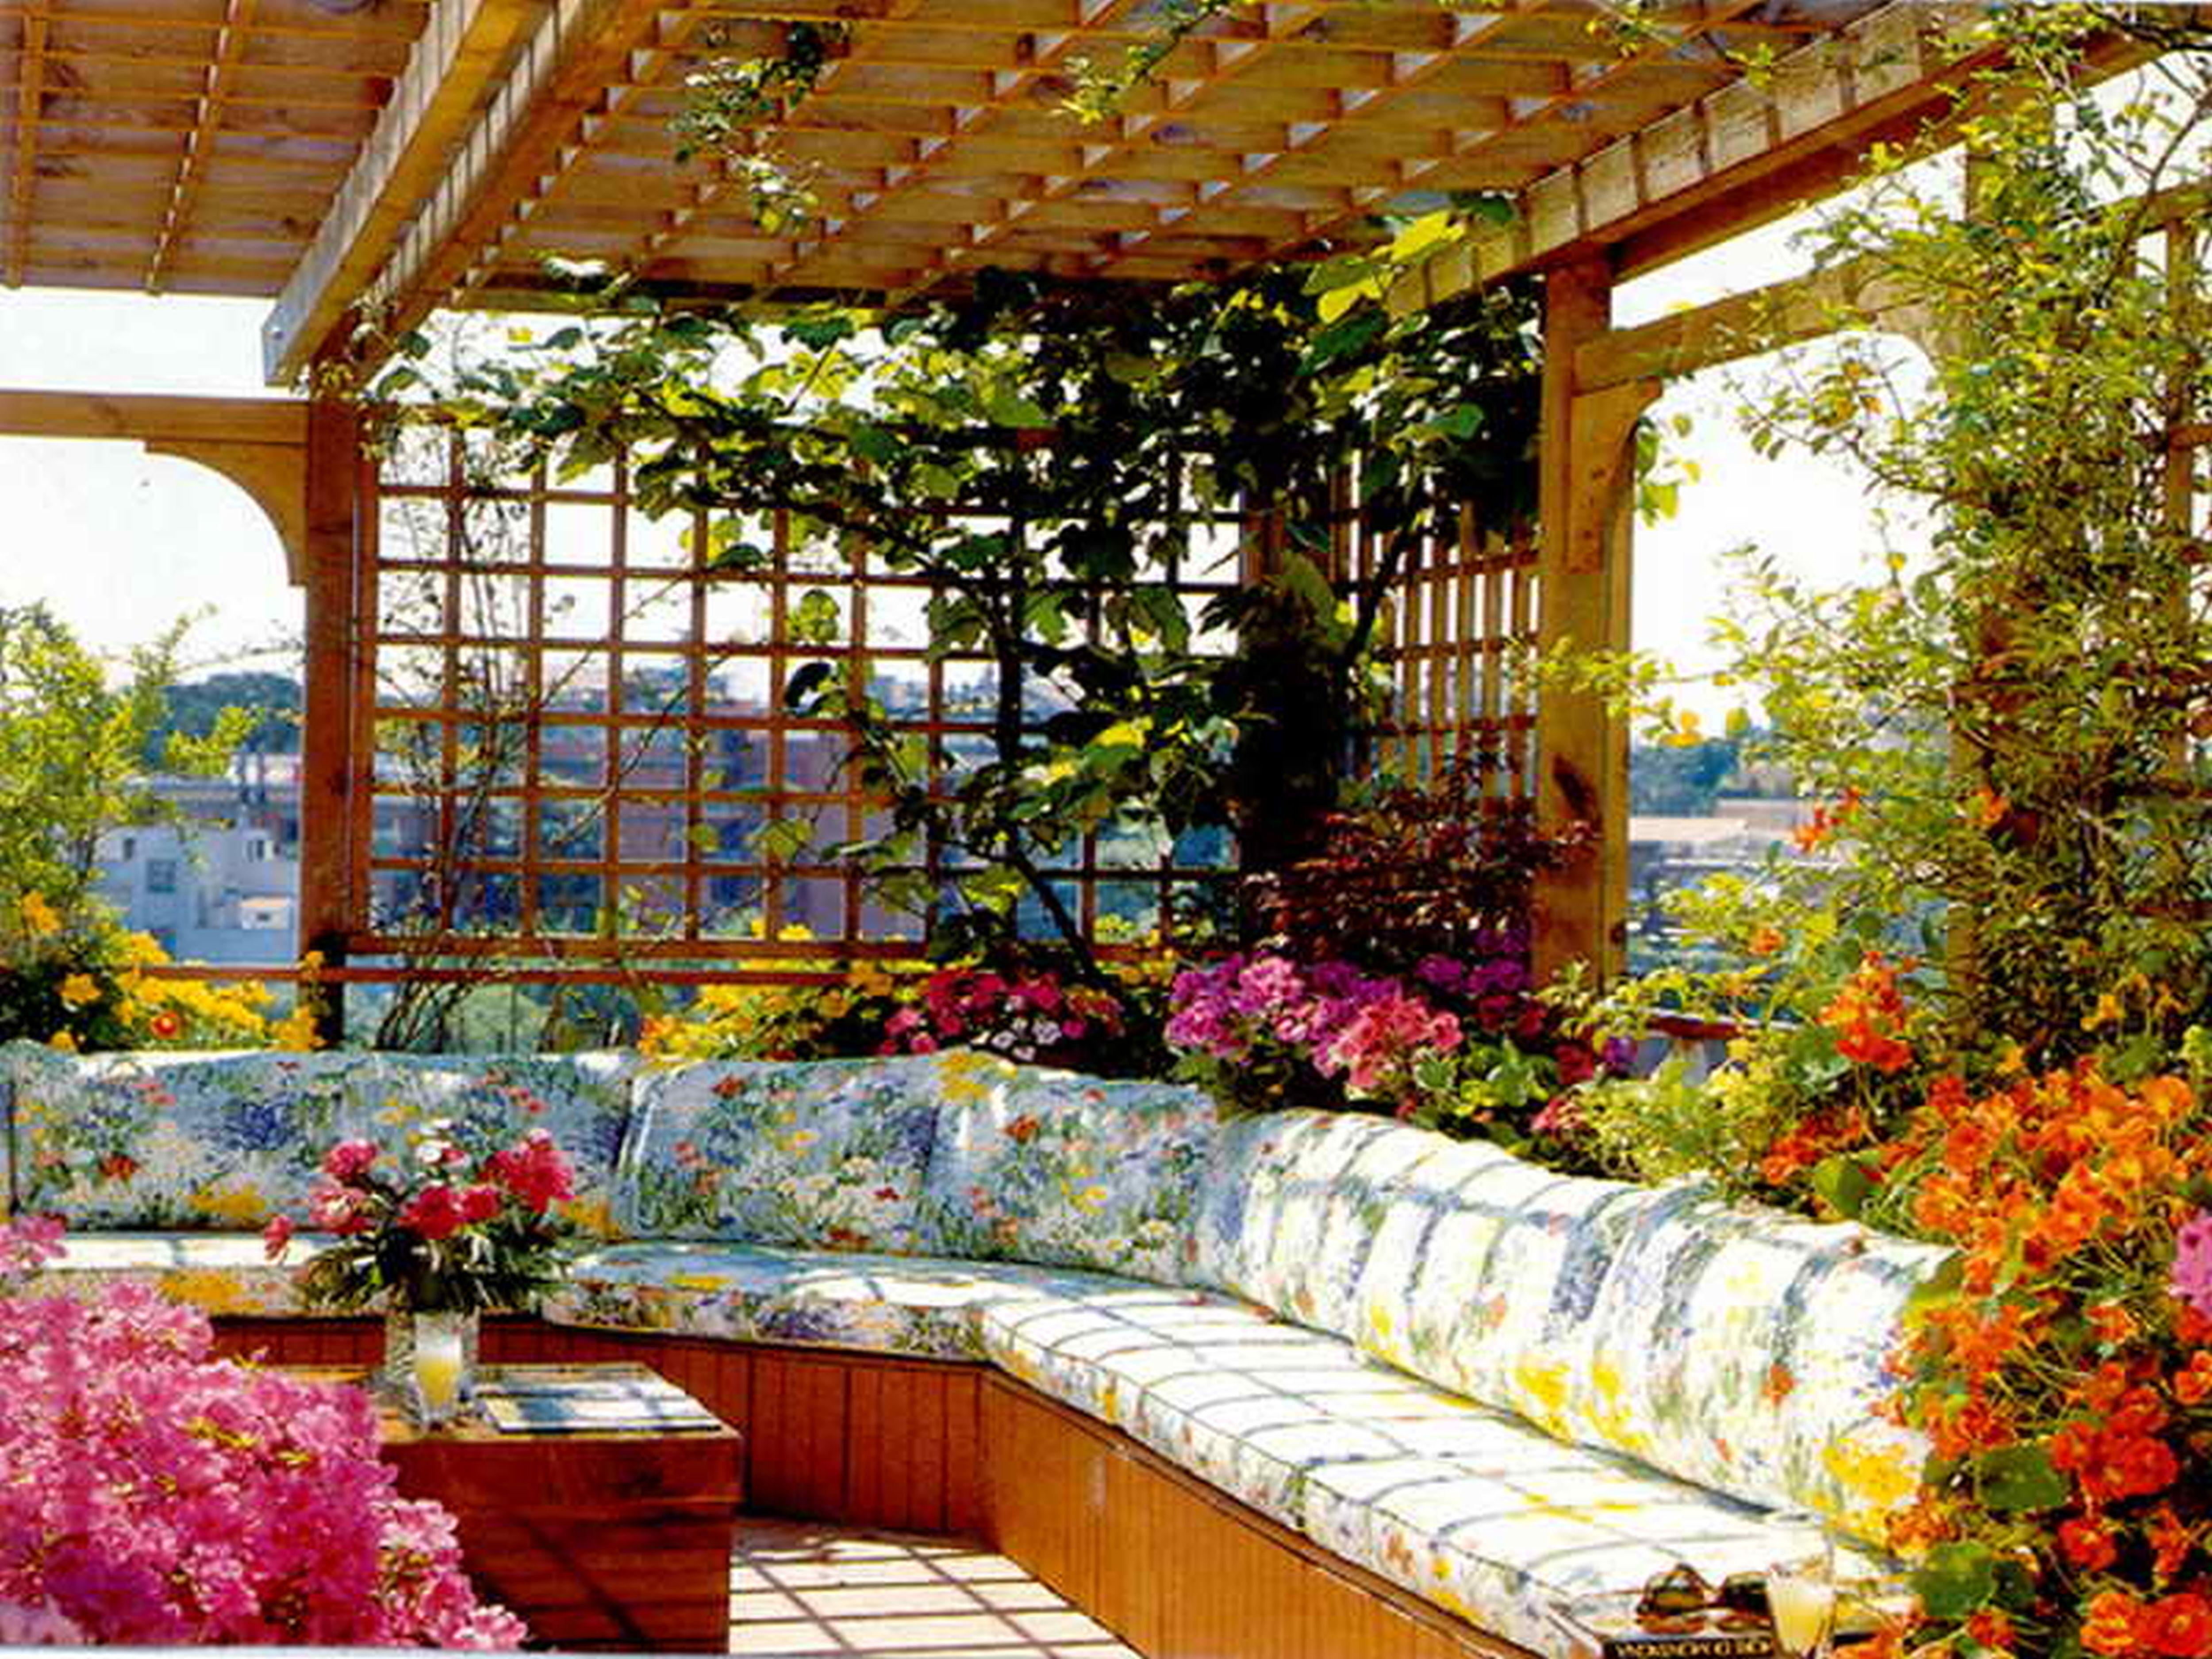 Rooftop Garden Design Ideas rooftop flower garden design ideas mediterranean style | 1836